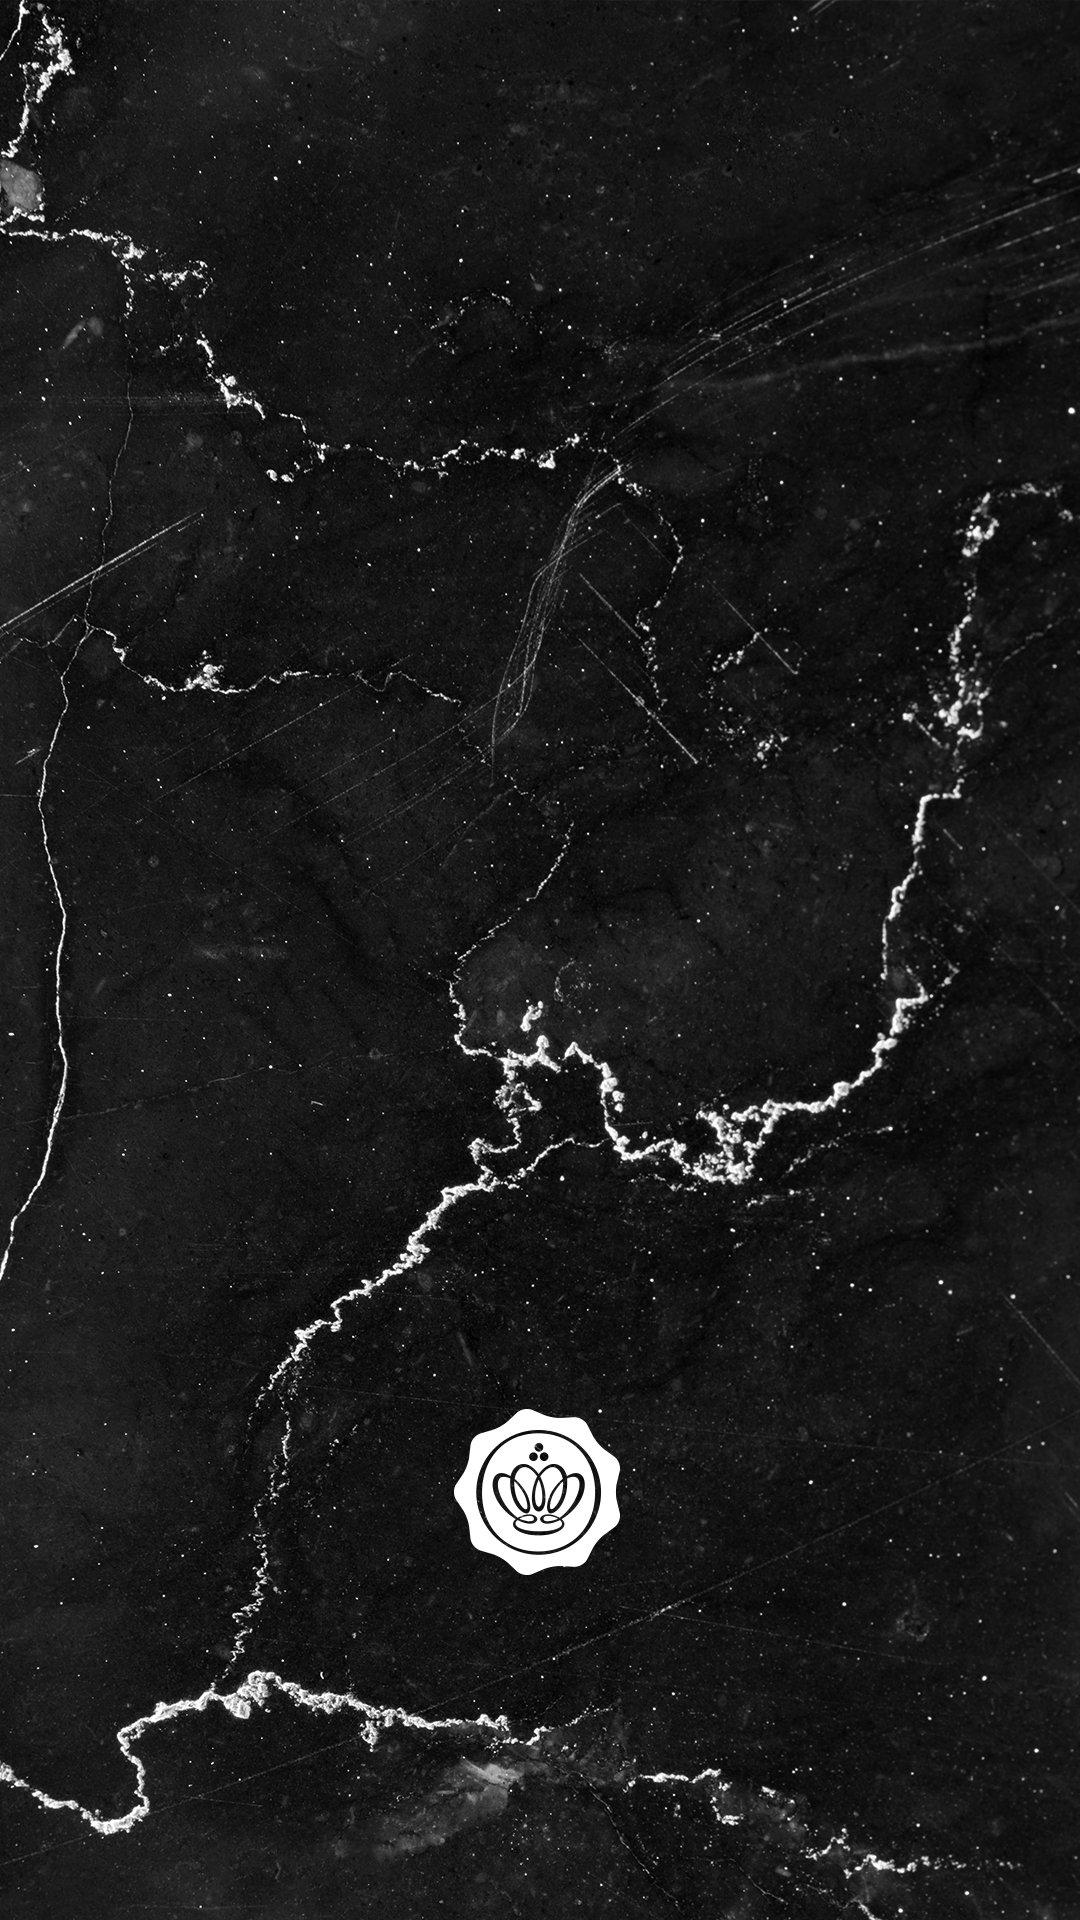 Wallpaper-GLOSSYBOX-Dezember-Marble-Marmor